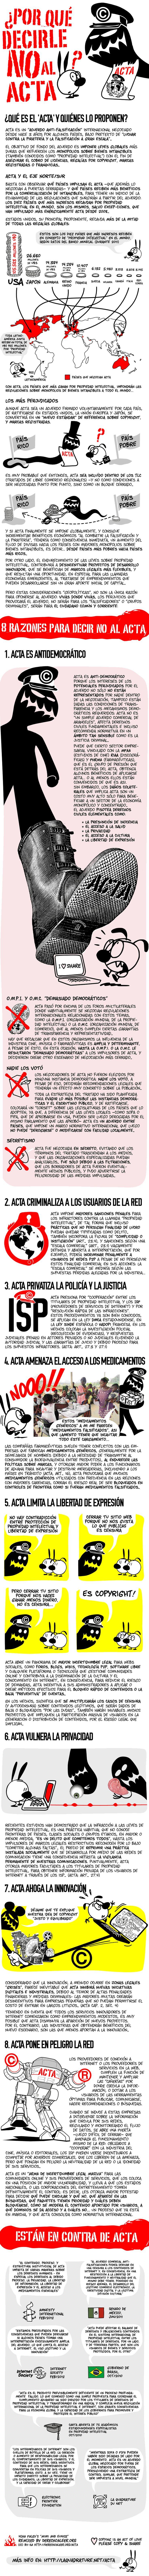 Infografía: ¿Por qué decirle no al ACTA?